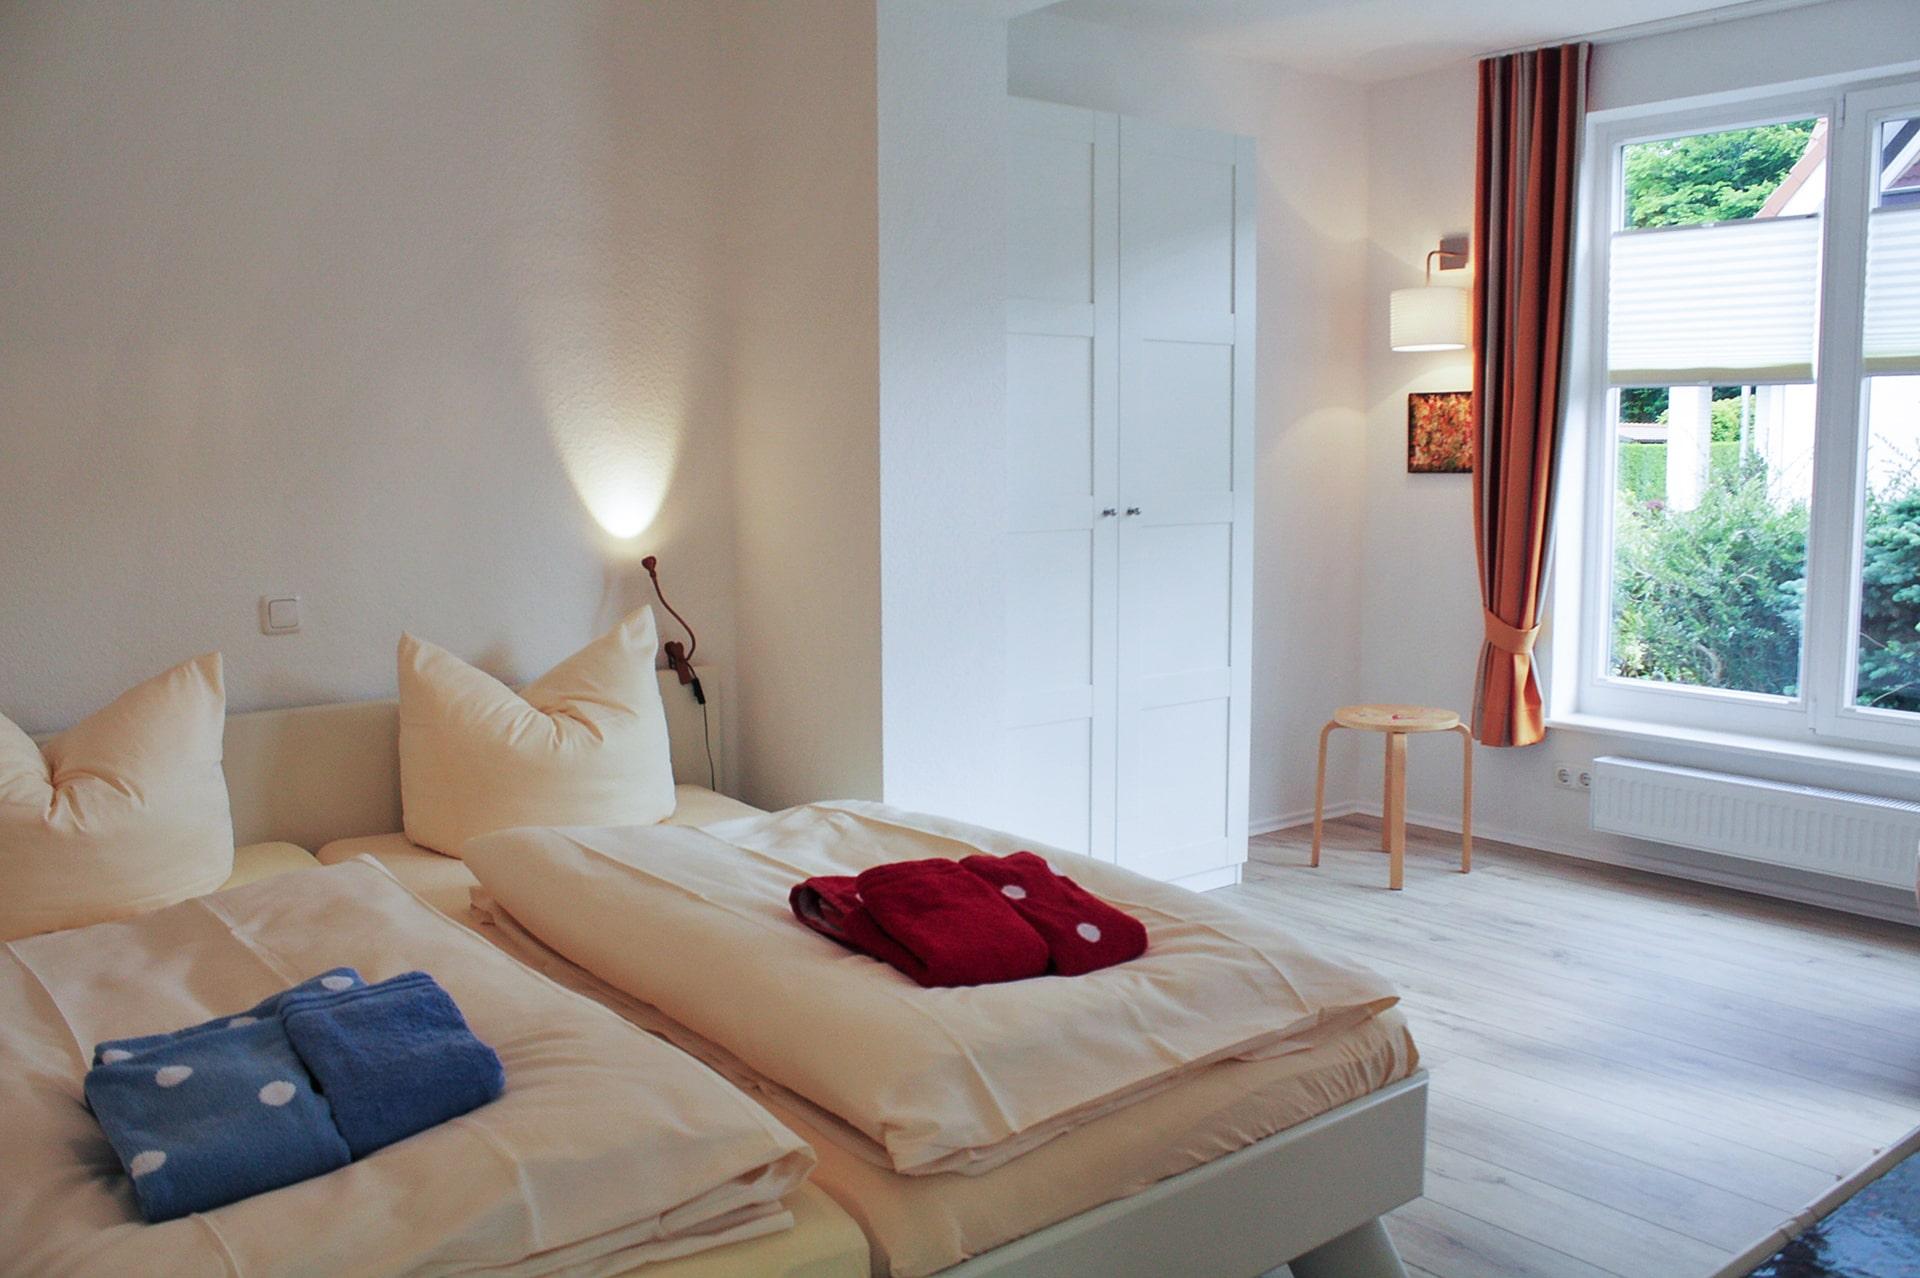 malerhaus-kuhse-ferienwohnung-klatschmohn-schlafzimmer